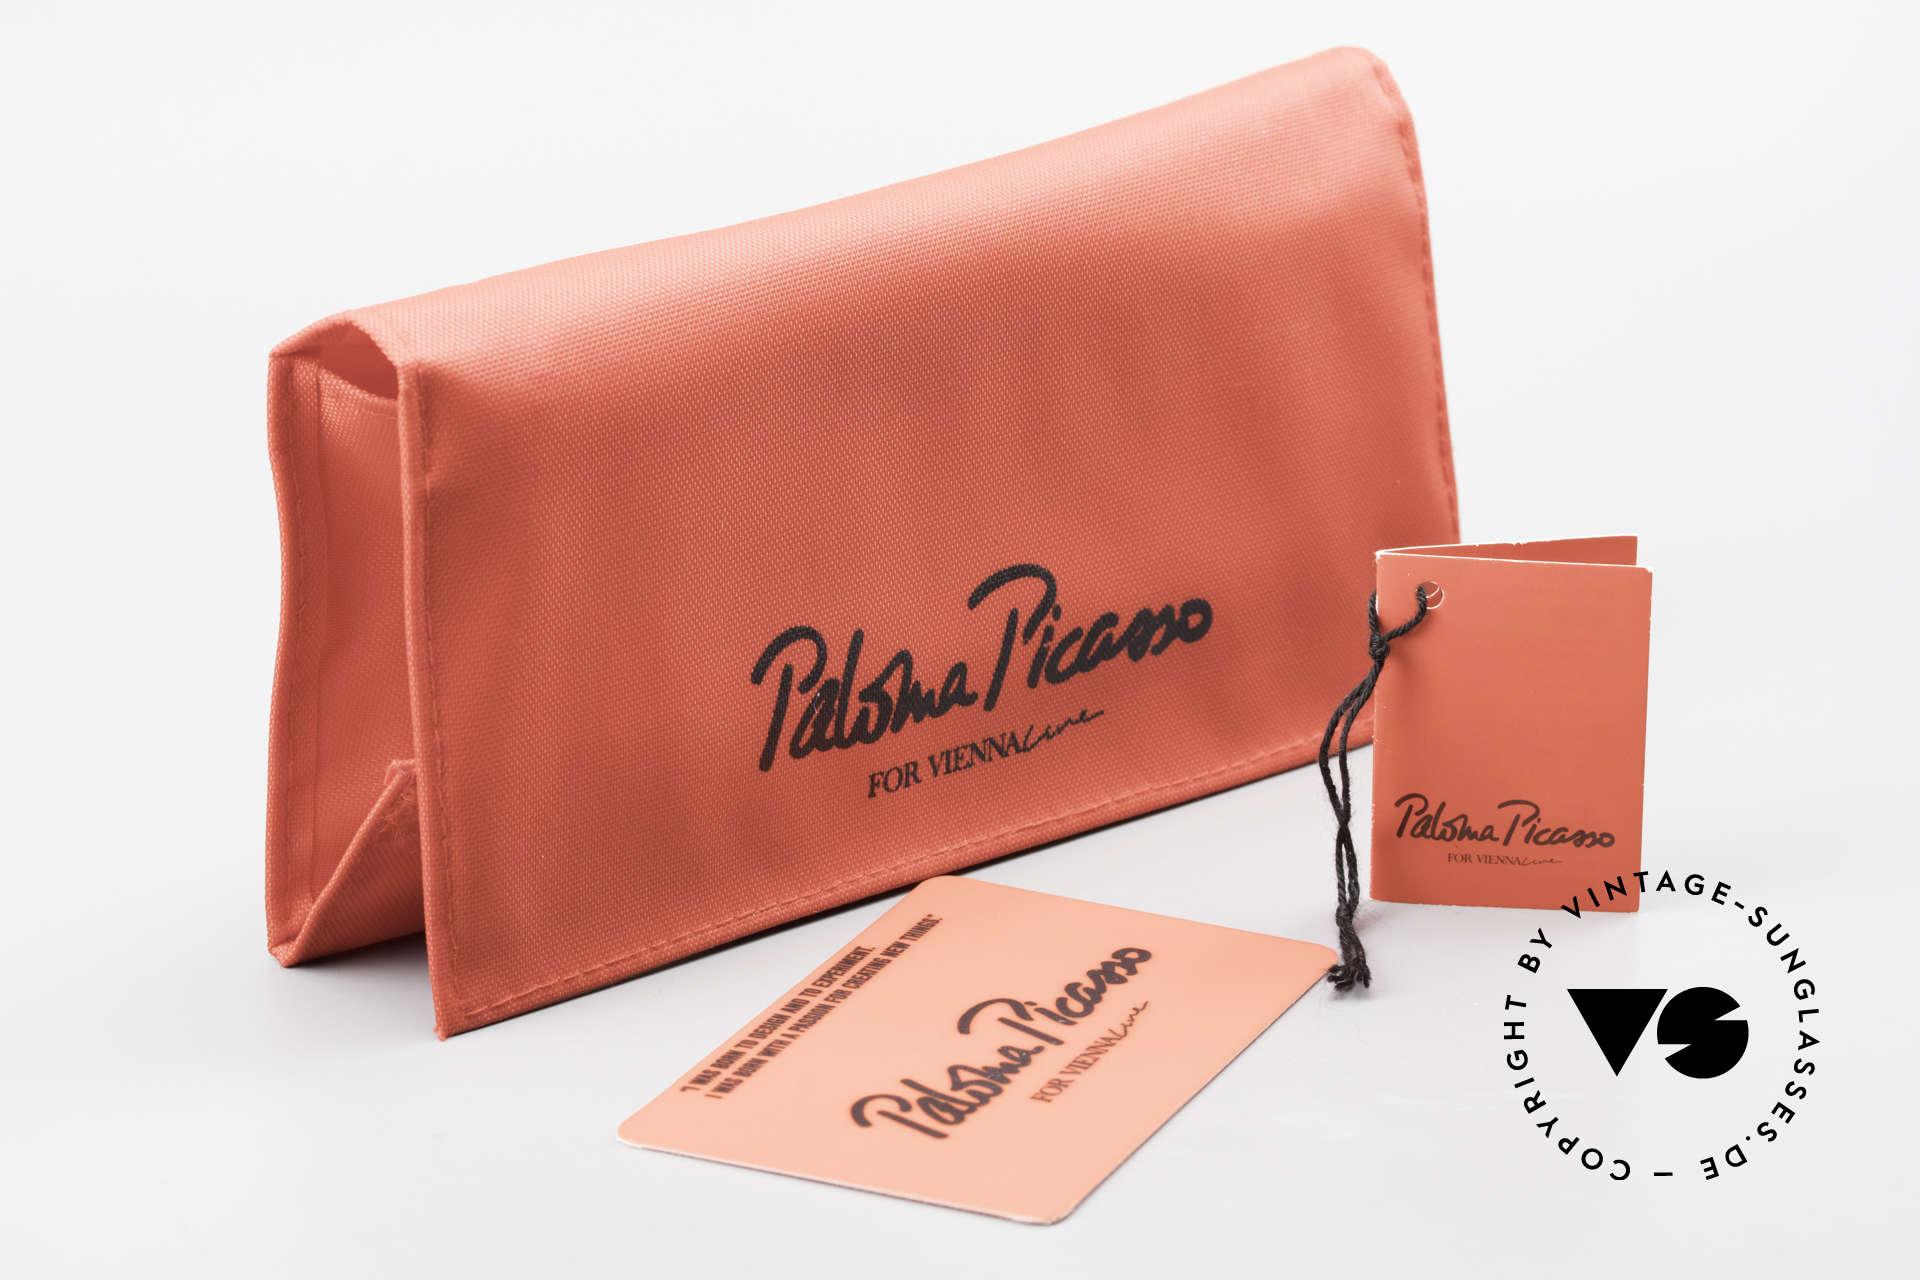 Paloma Picasso 3702 No Retro Sunglasses True 90's, Size: medium, Made for Women